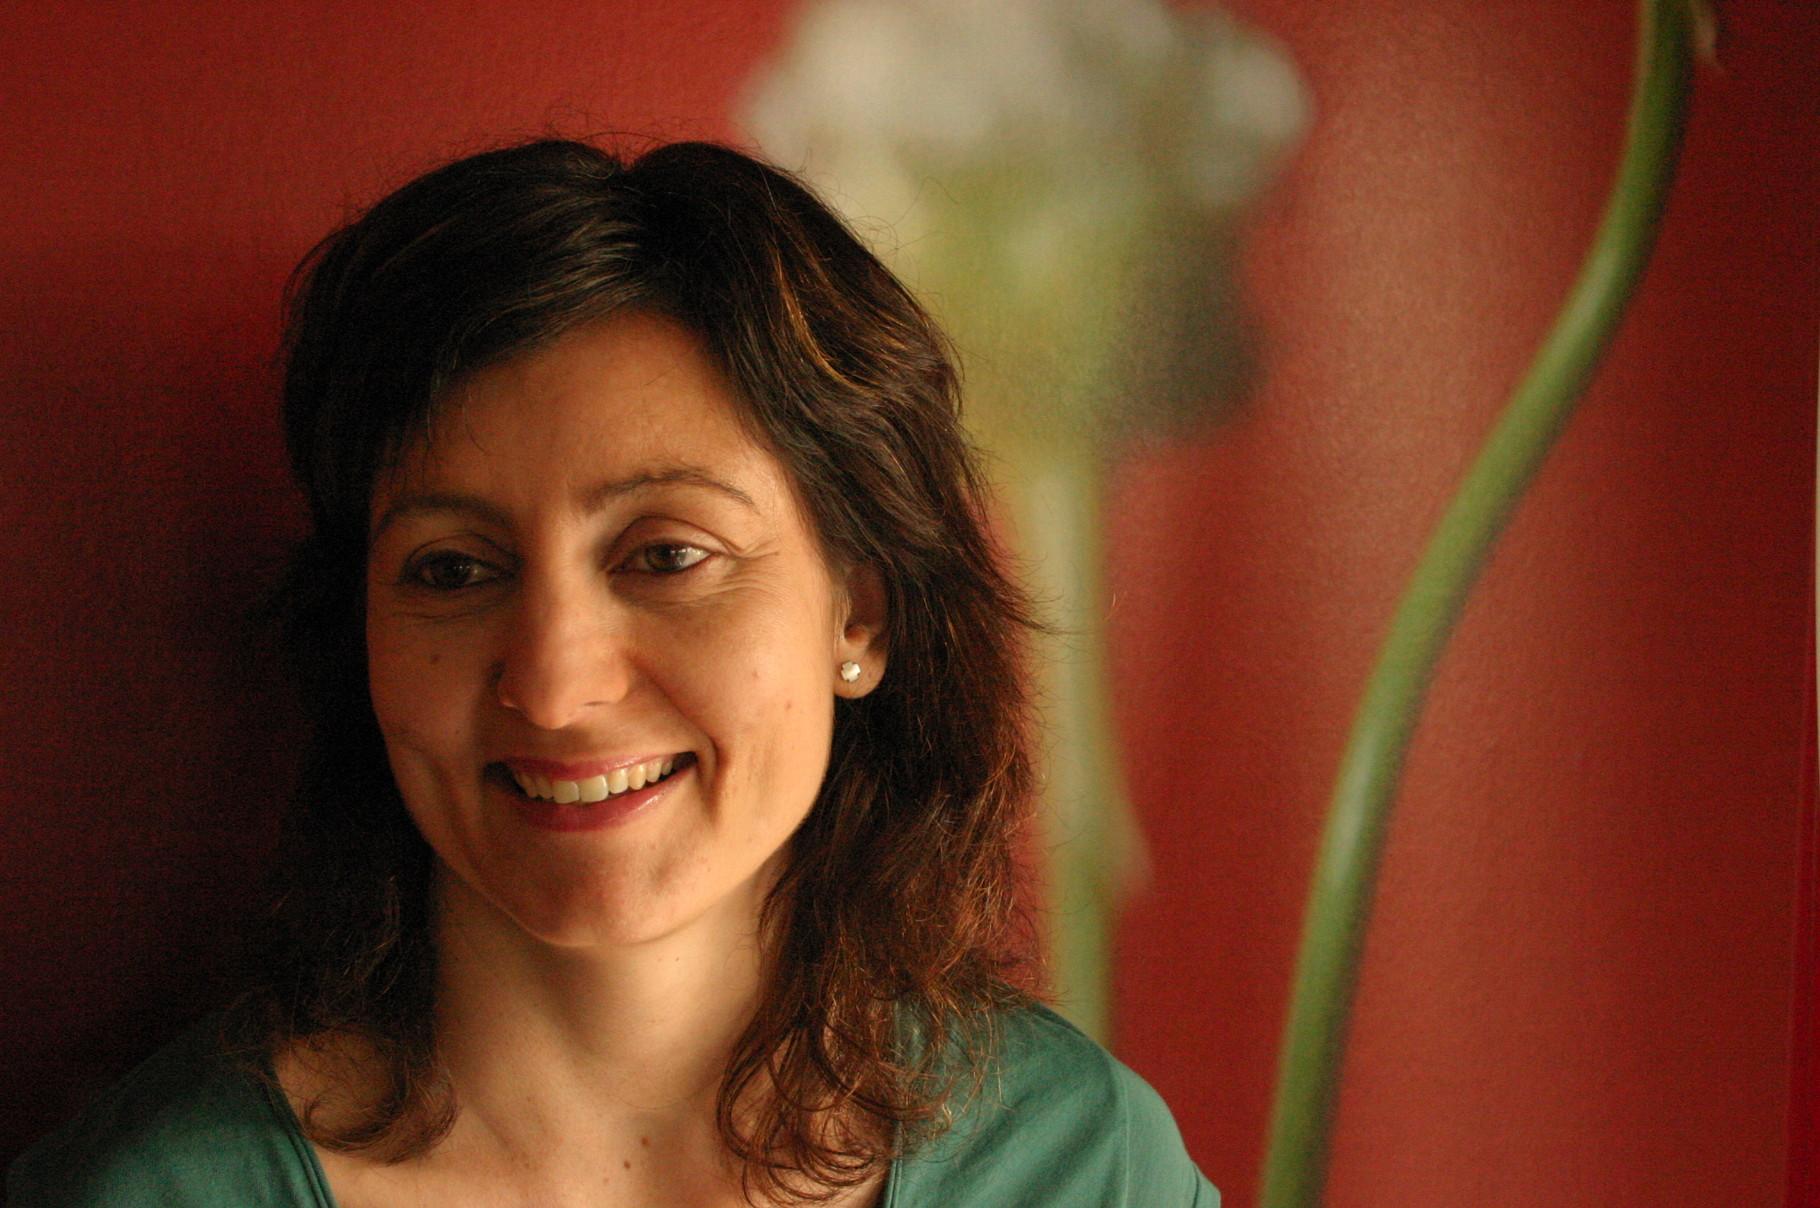 Julia Pantano-Buß